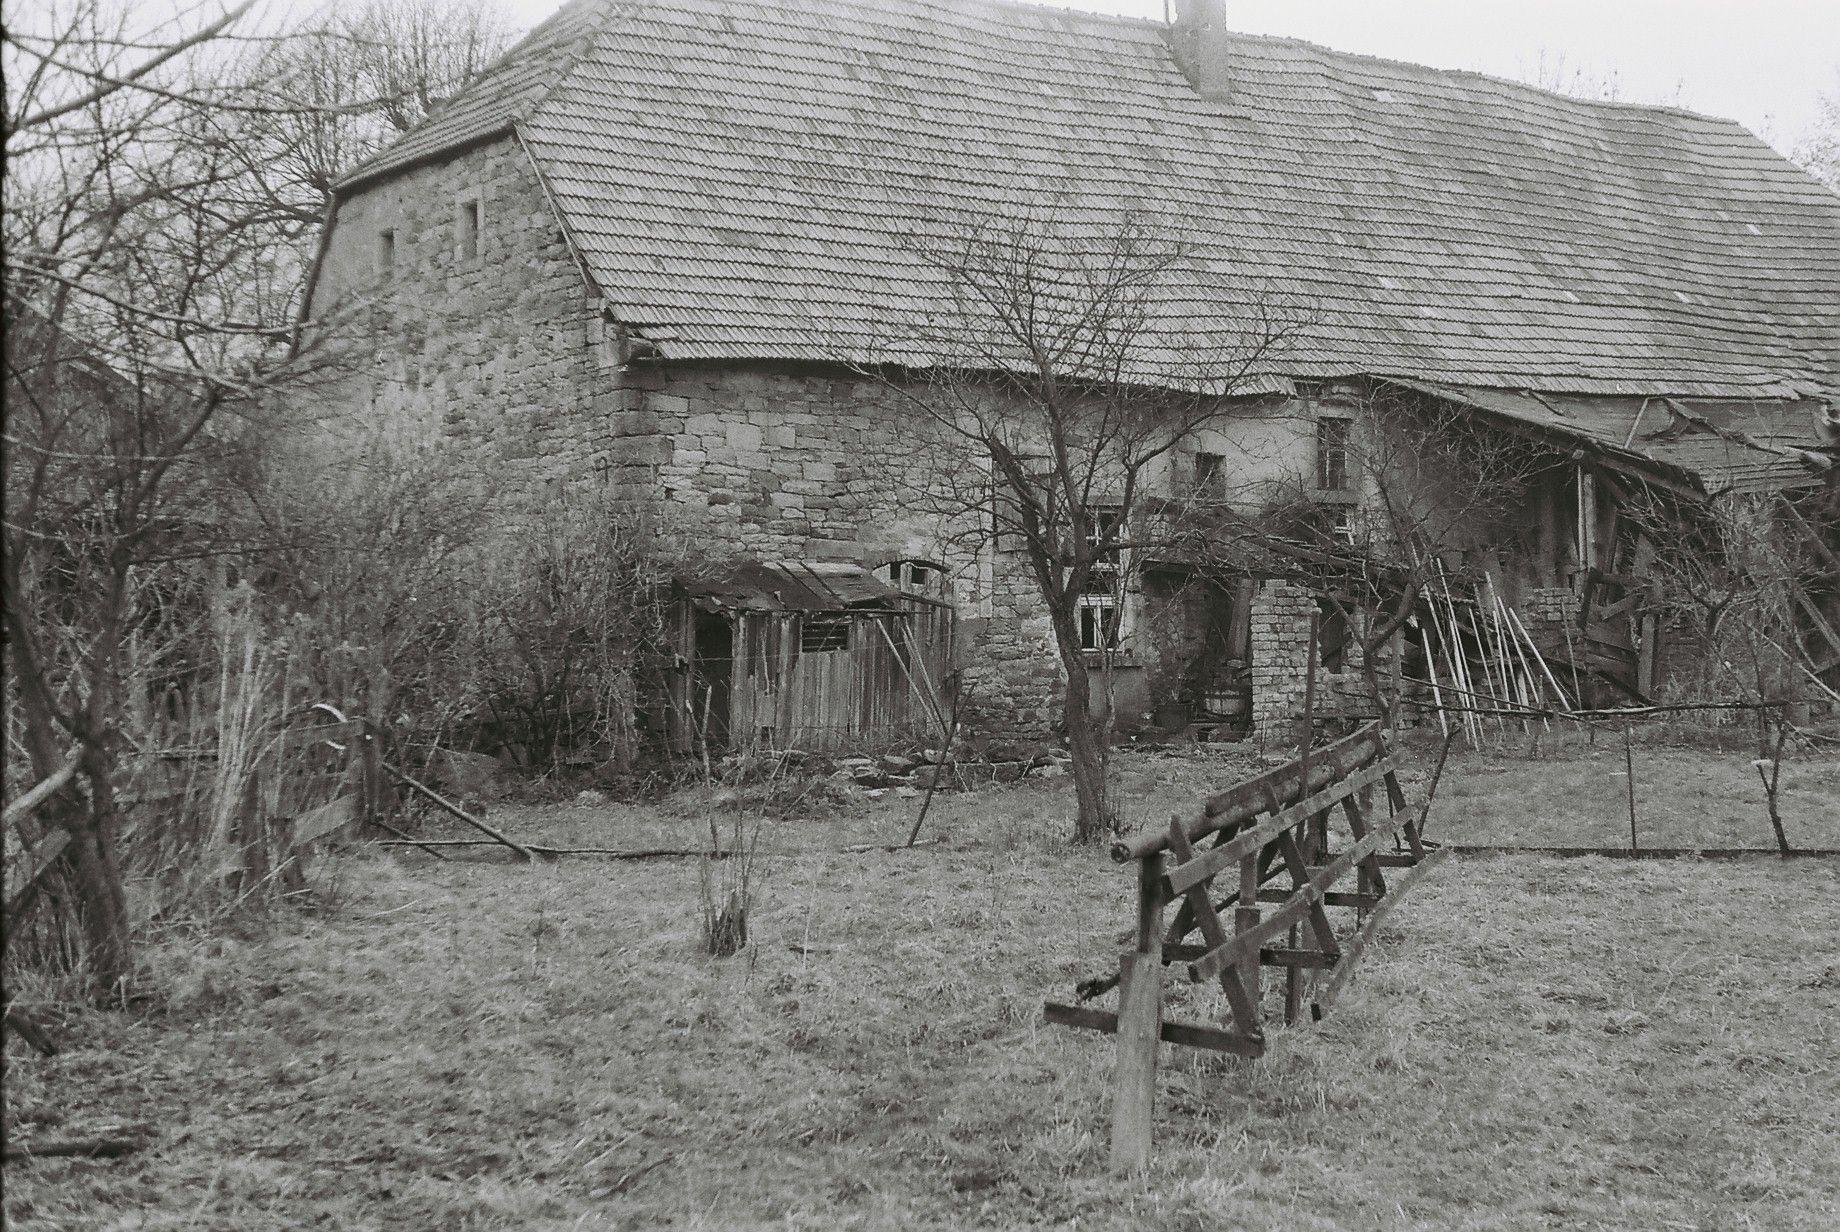 Mühle von hinten 1974